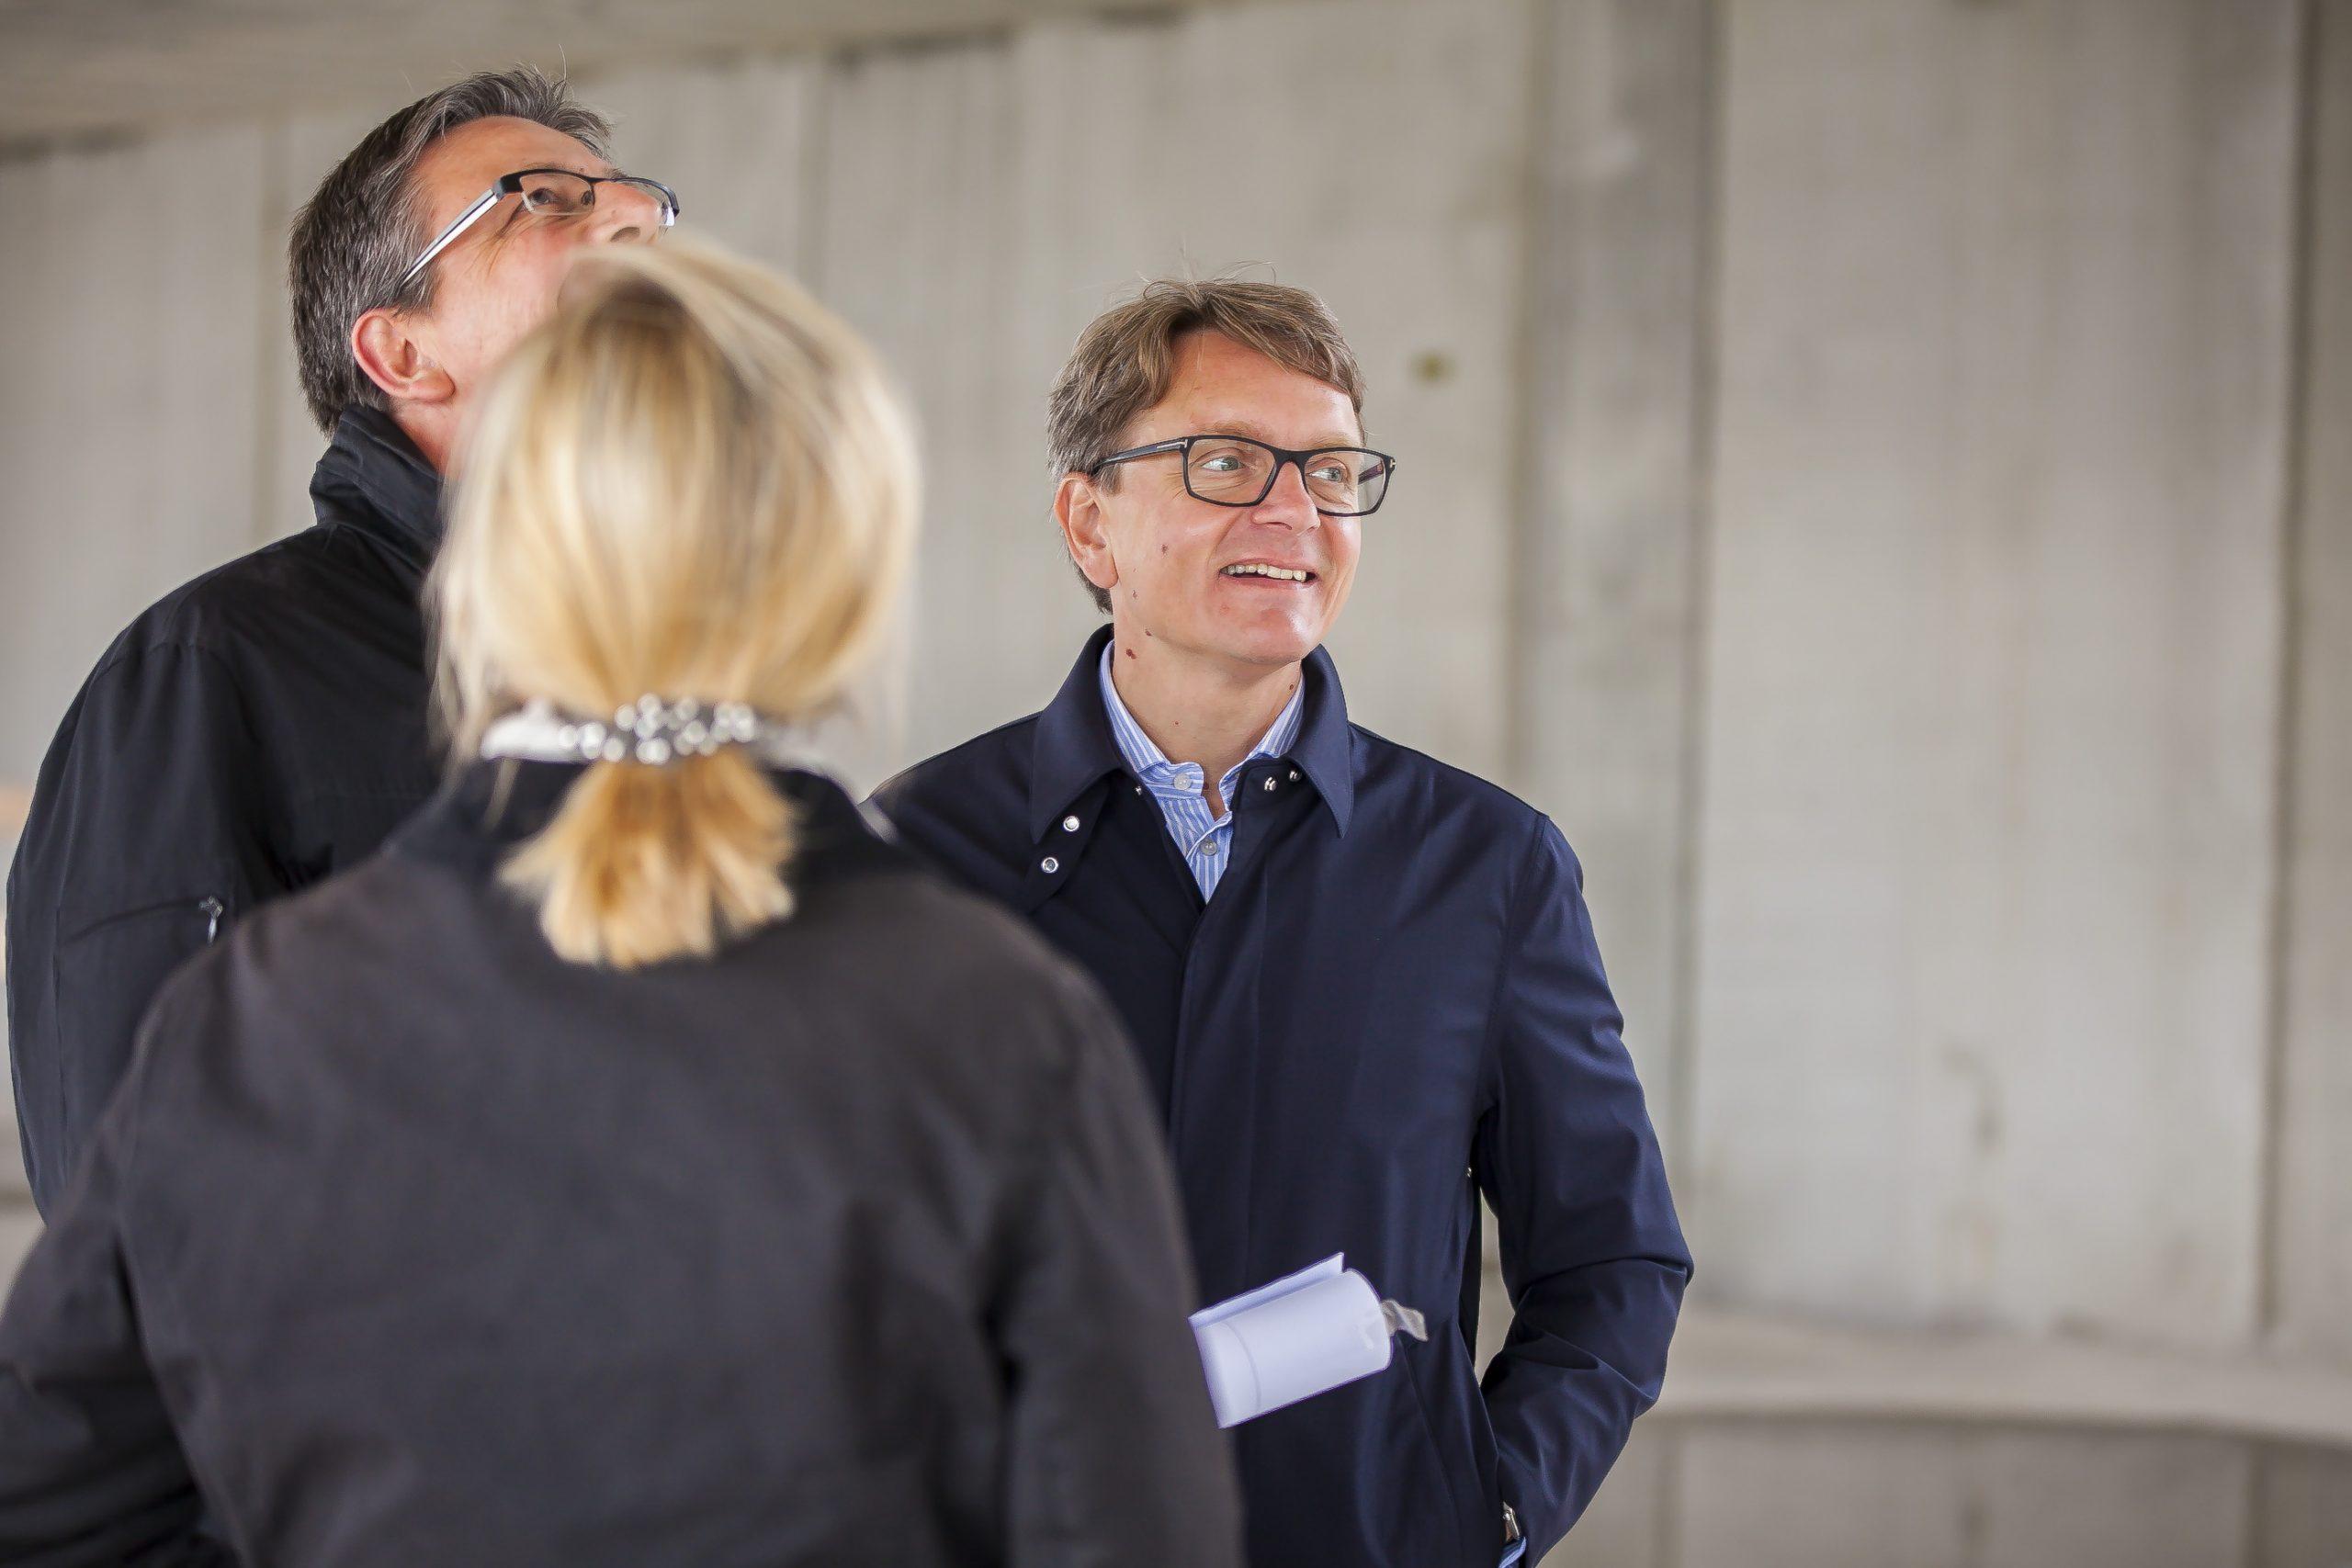 AUTO STAHL Wien 22 | Mag. Isabella Keusch, MAS mit DI Bernhard Hamann (Architekt) und Ing. Gernot Keusch auf der Baustelle